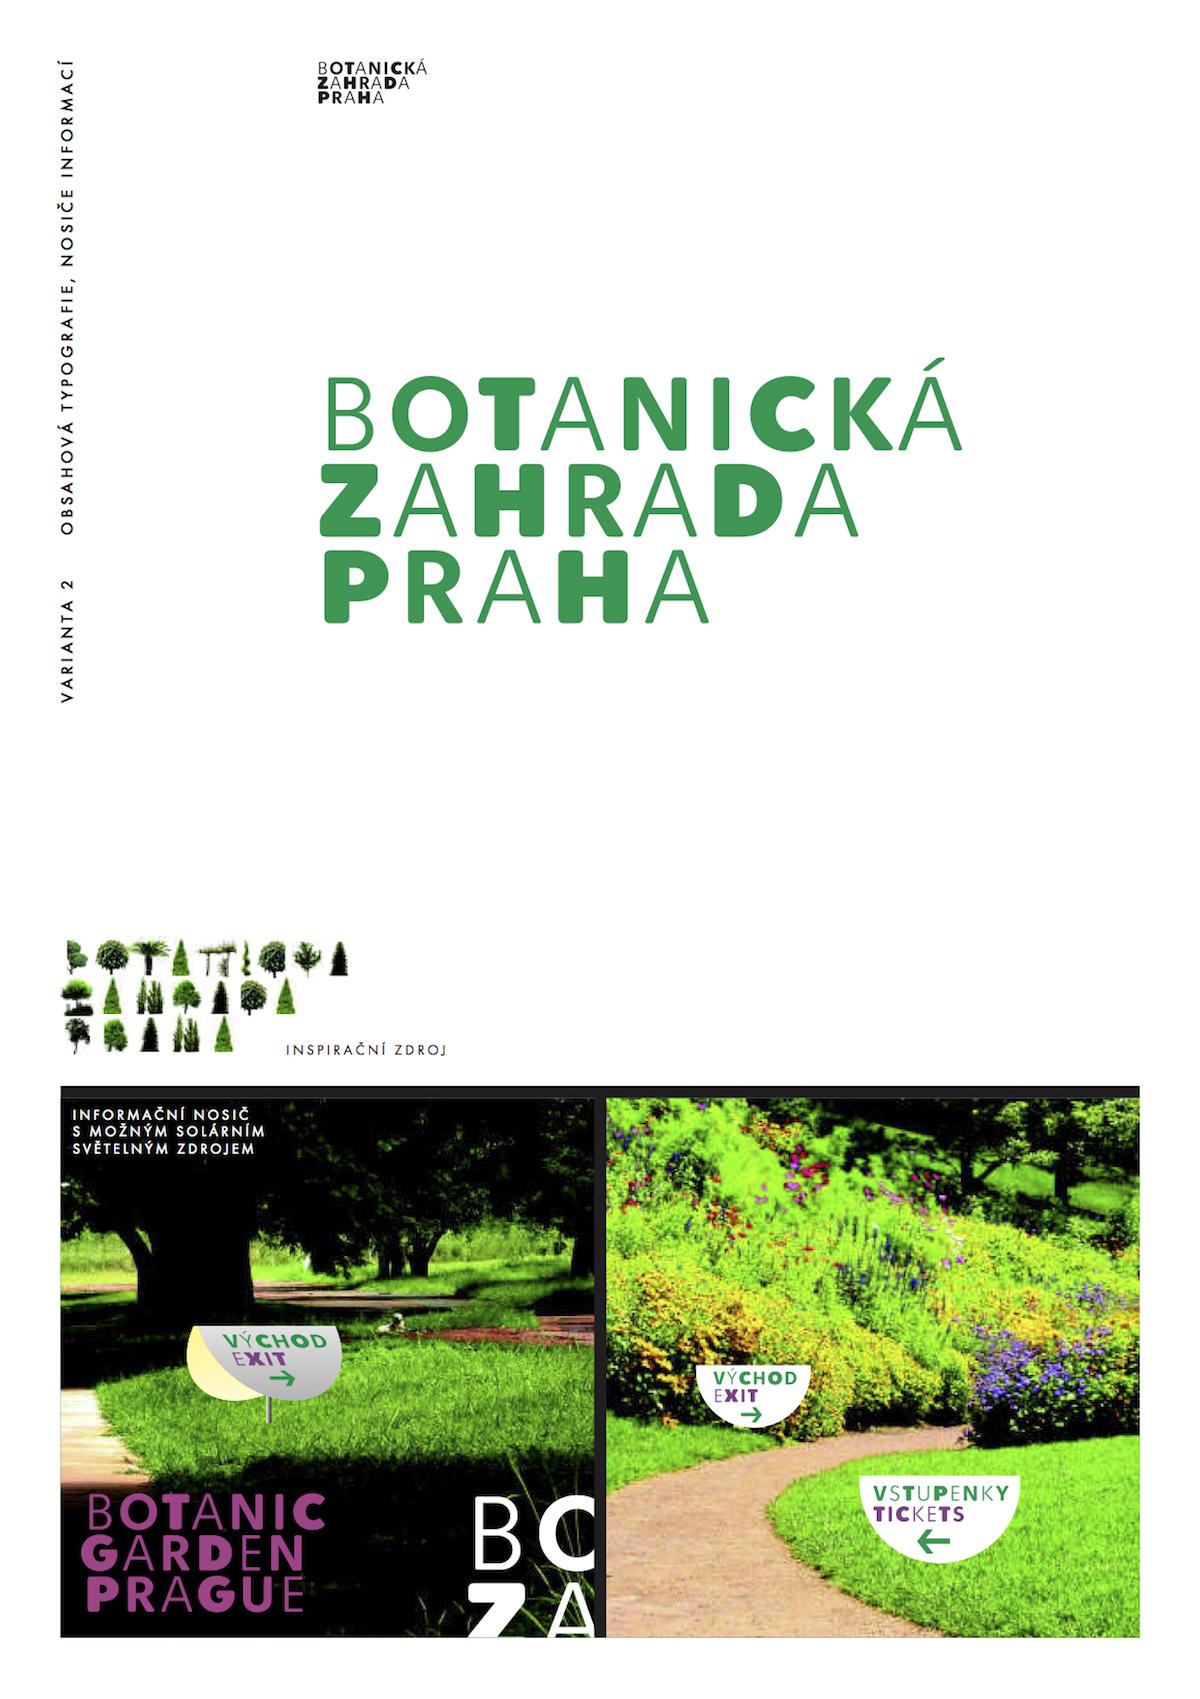 Návrh loga Botanické zahrady Praha od Kláry Spiškové